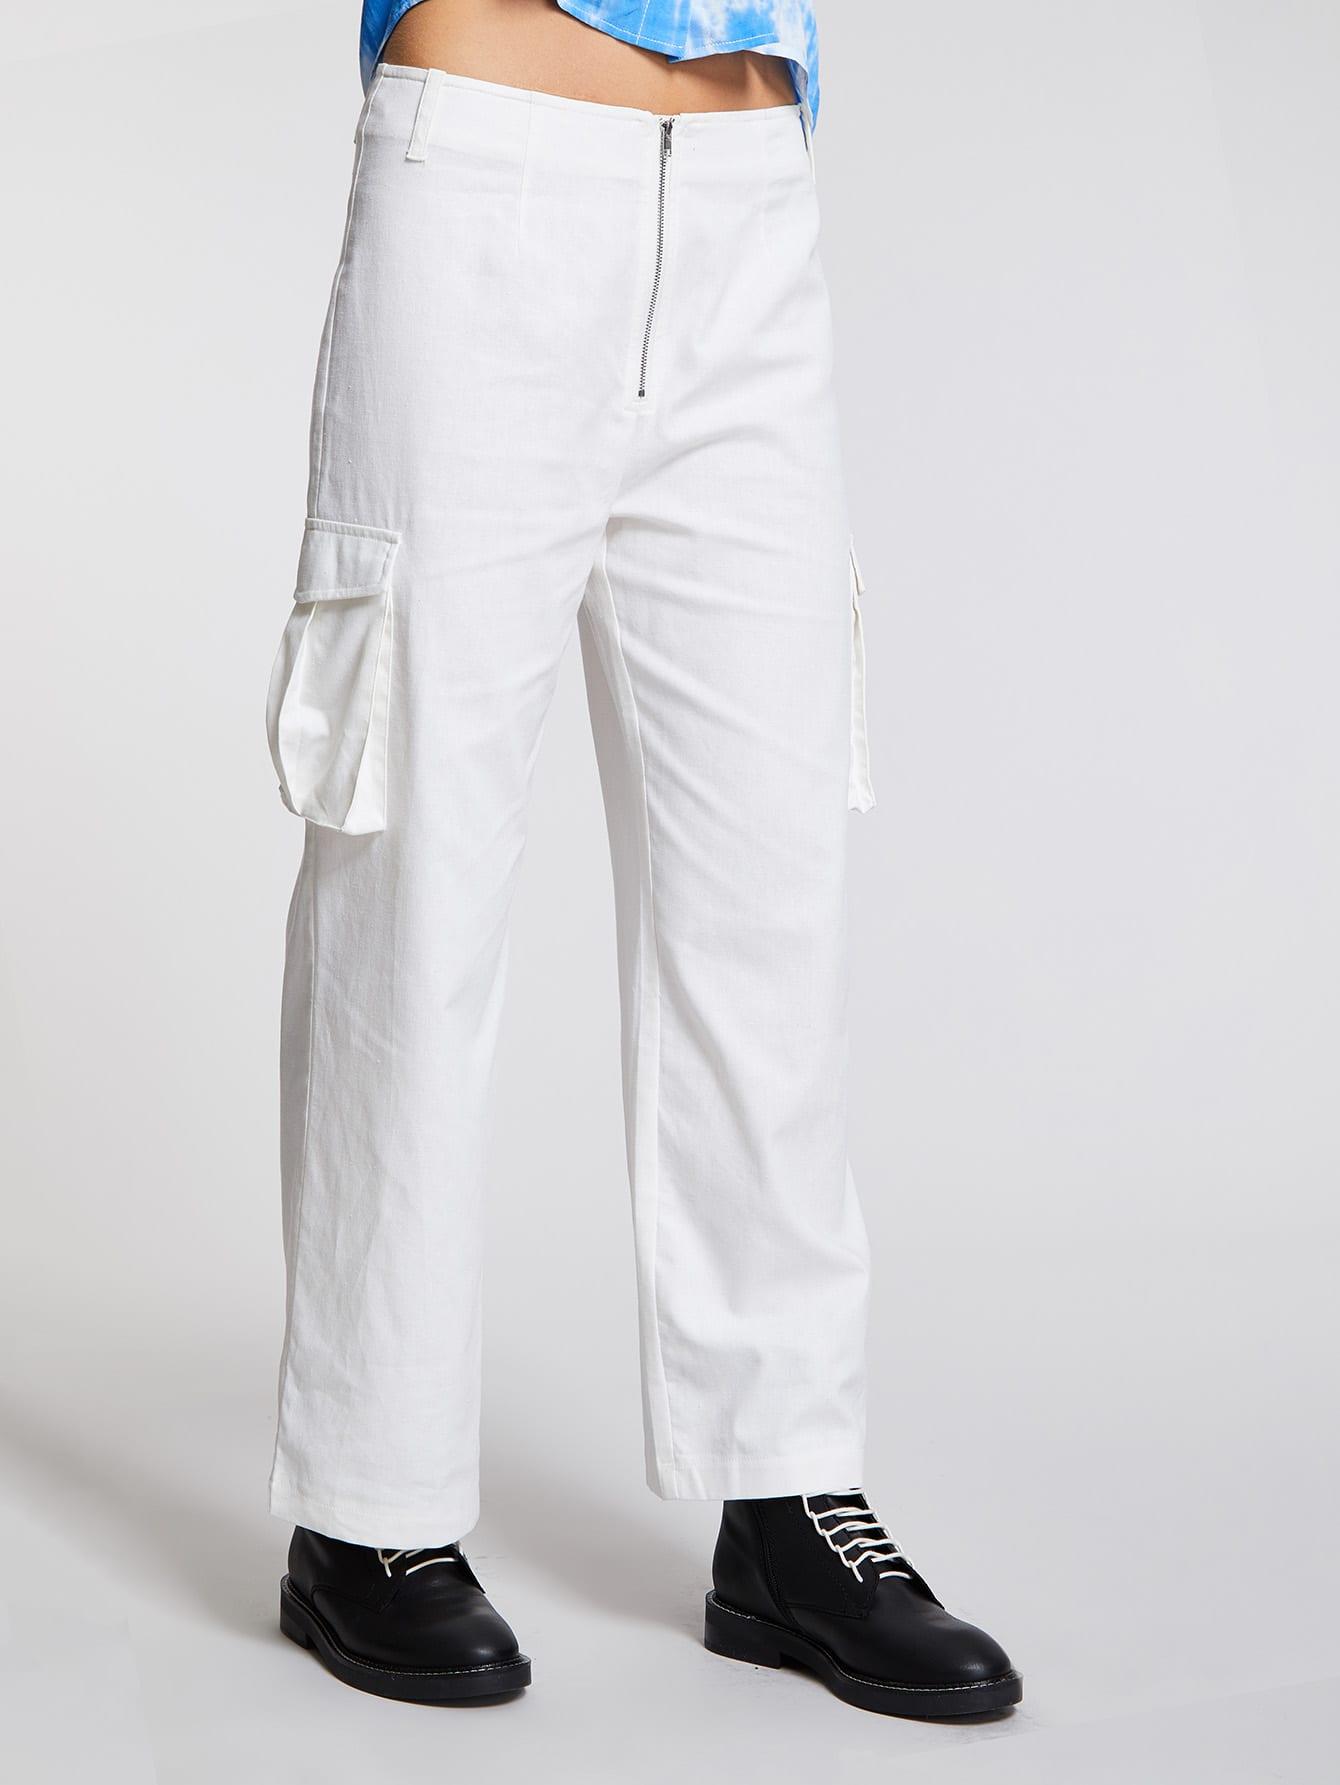 Купить Прямые брюки с карманом, Tilda, SheIn